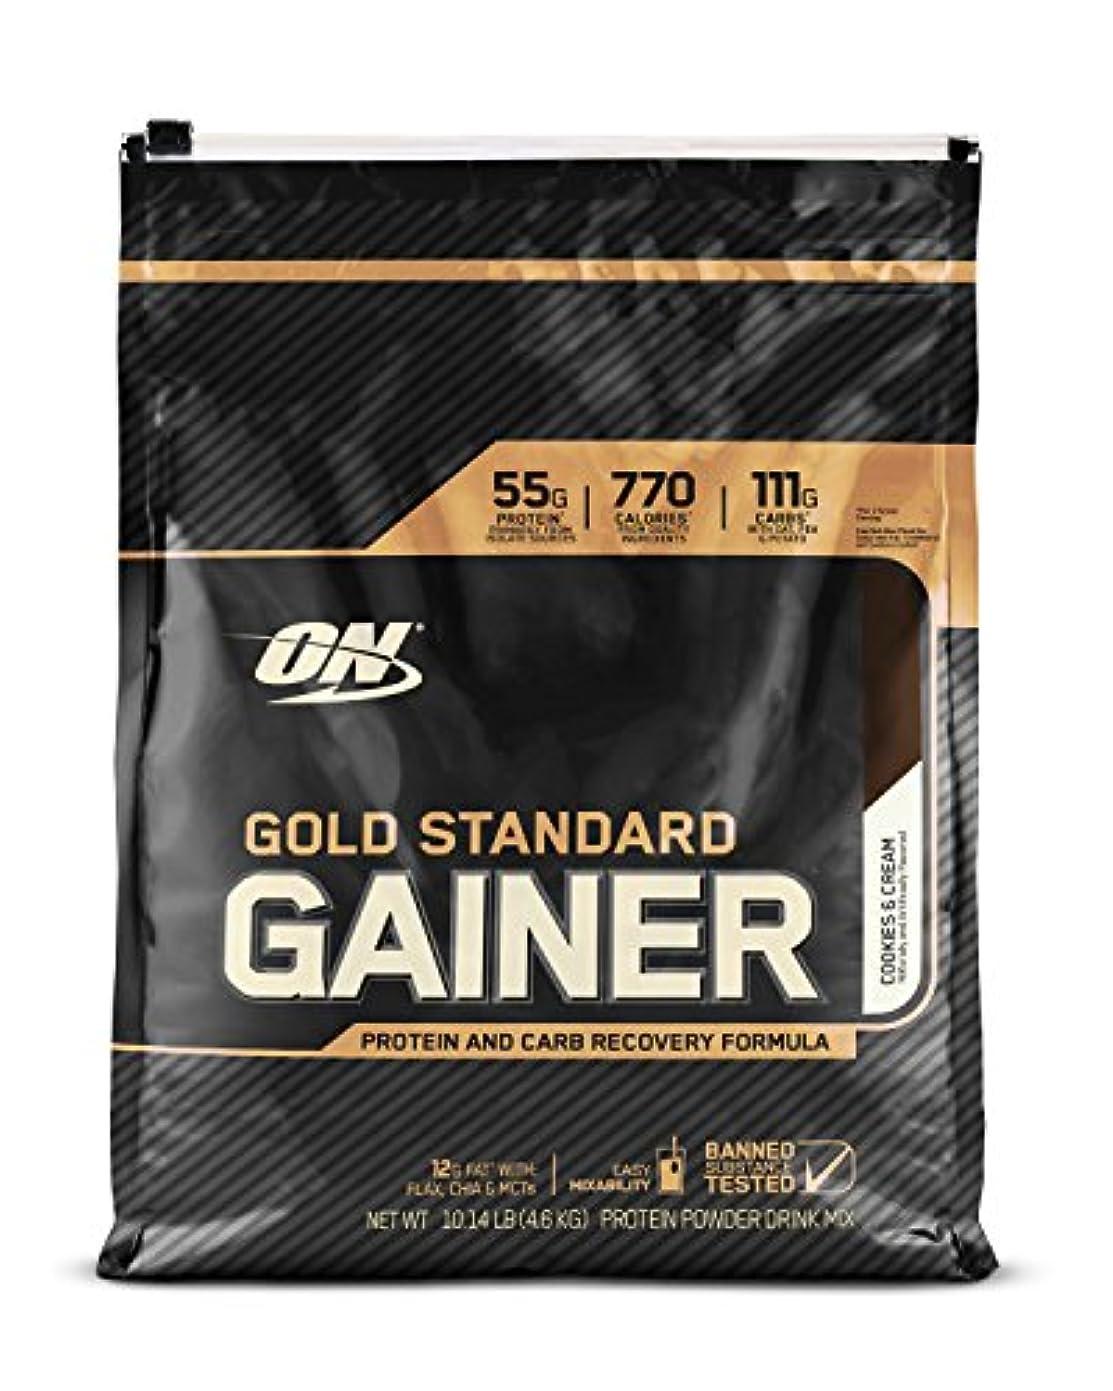 消毒する葡萄約束するゴールドスタンダード ゲイナー 10LB クッキークリーム (Gold Standard Gainer 10LB Cookies & Cream) [海外直送品] [並行輸入品]